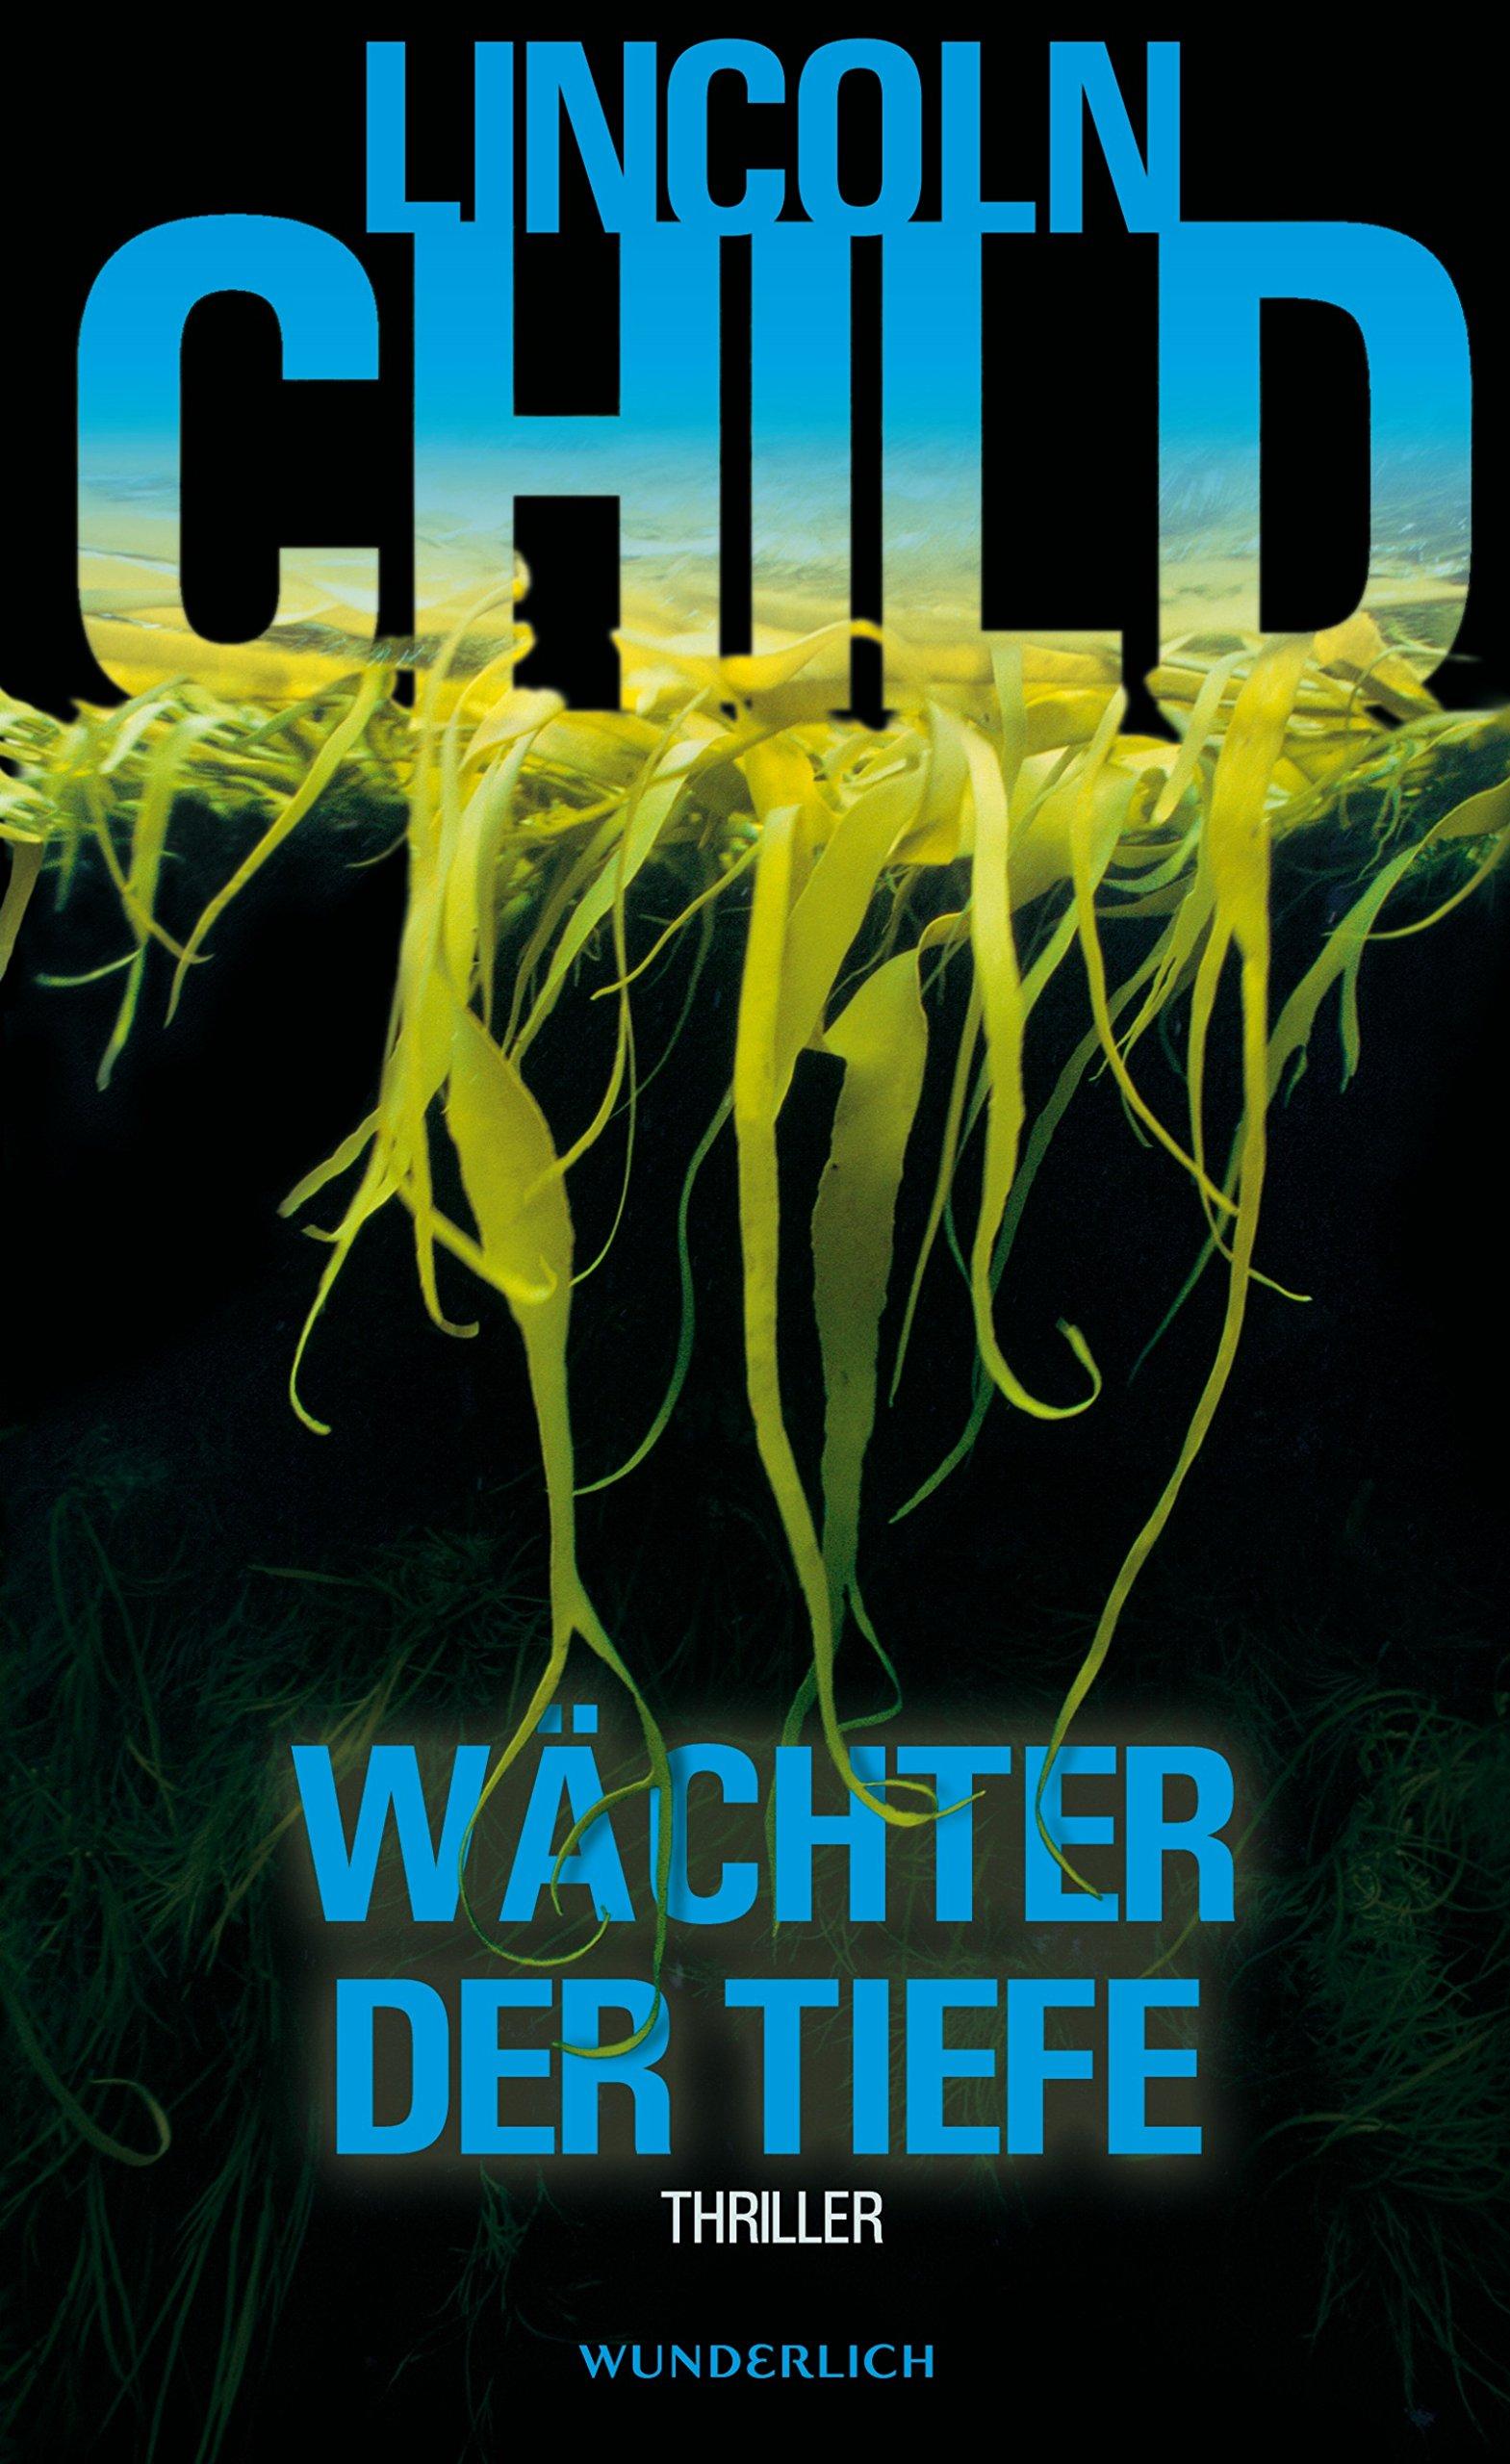 Wächter der Tiefe Gebundenes Buch – 1. September 2008 Lincoln Child Axel Merz Wächter der Tiefe Wunderlich